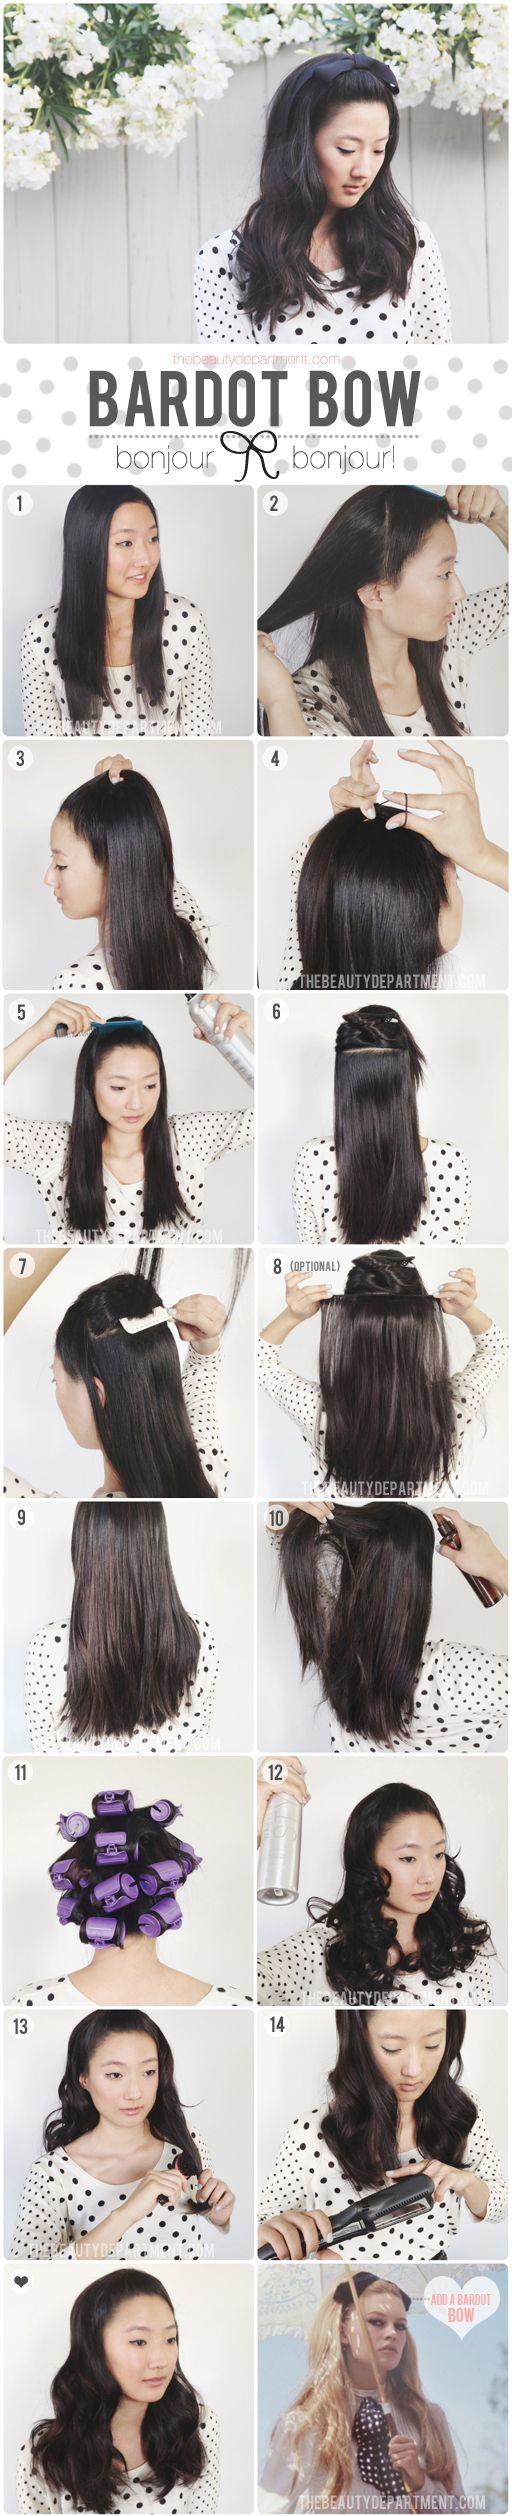 BRIGITTE BARDOT INSPIRED HAIR